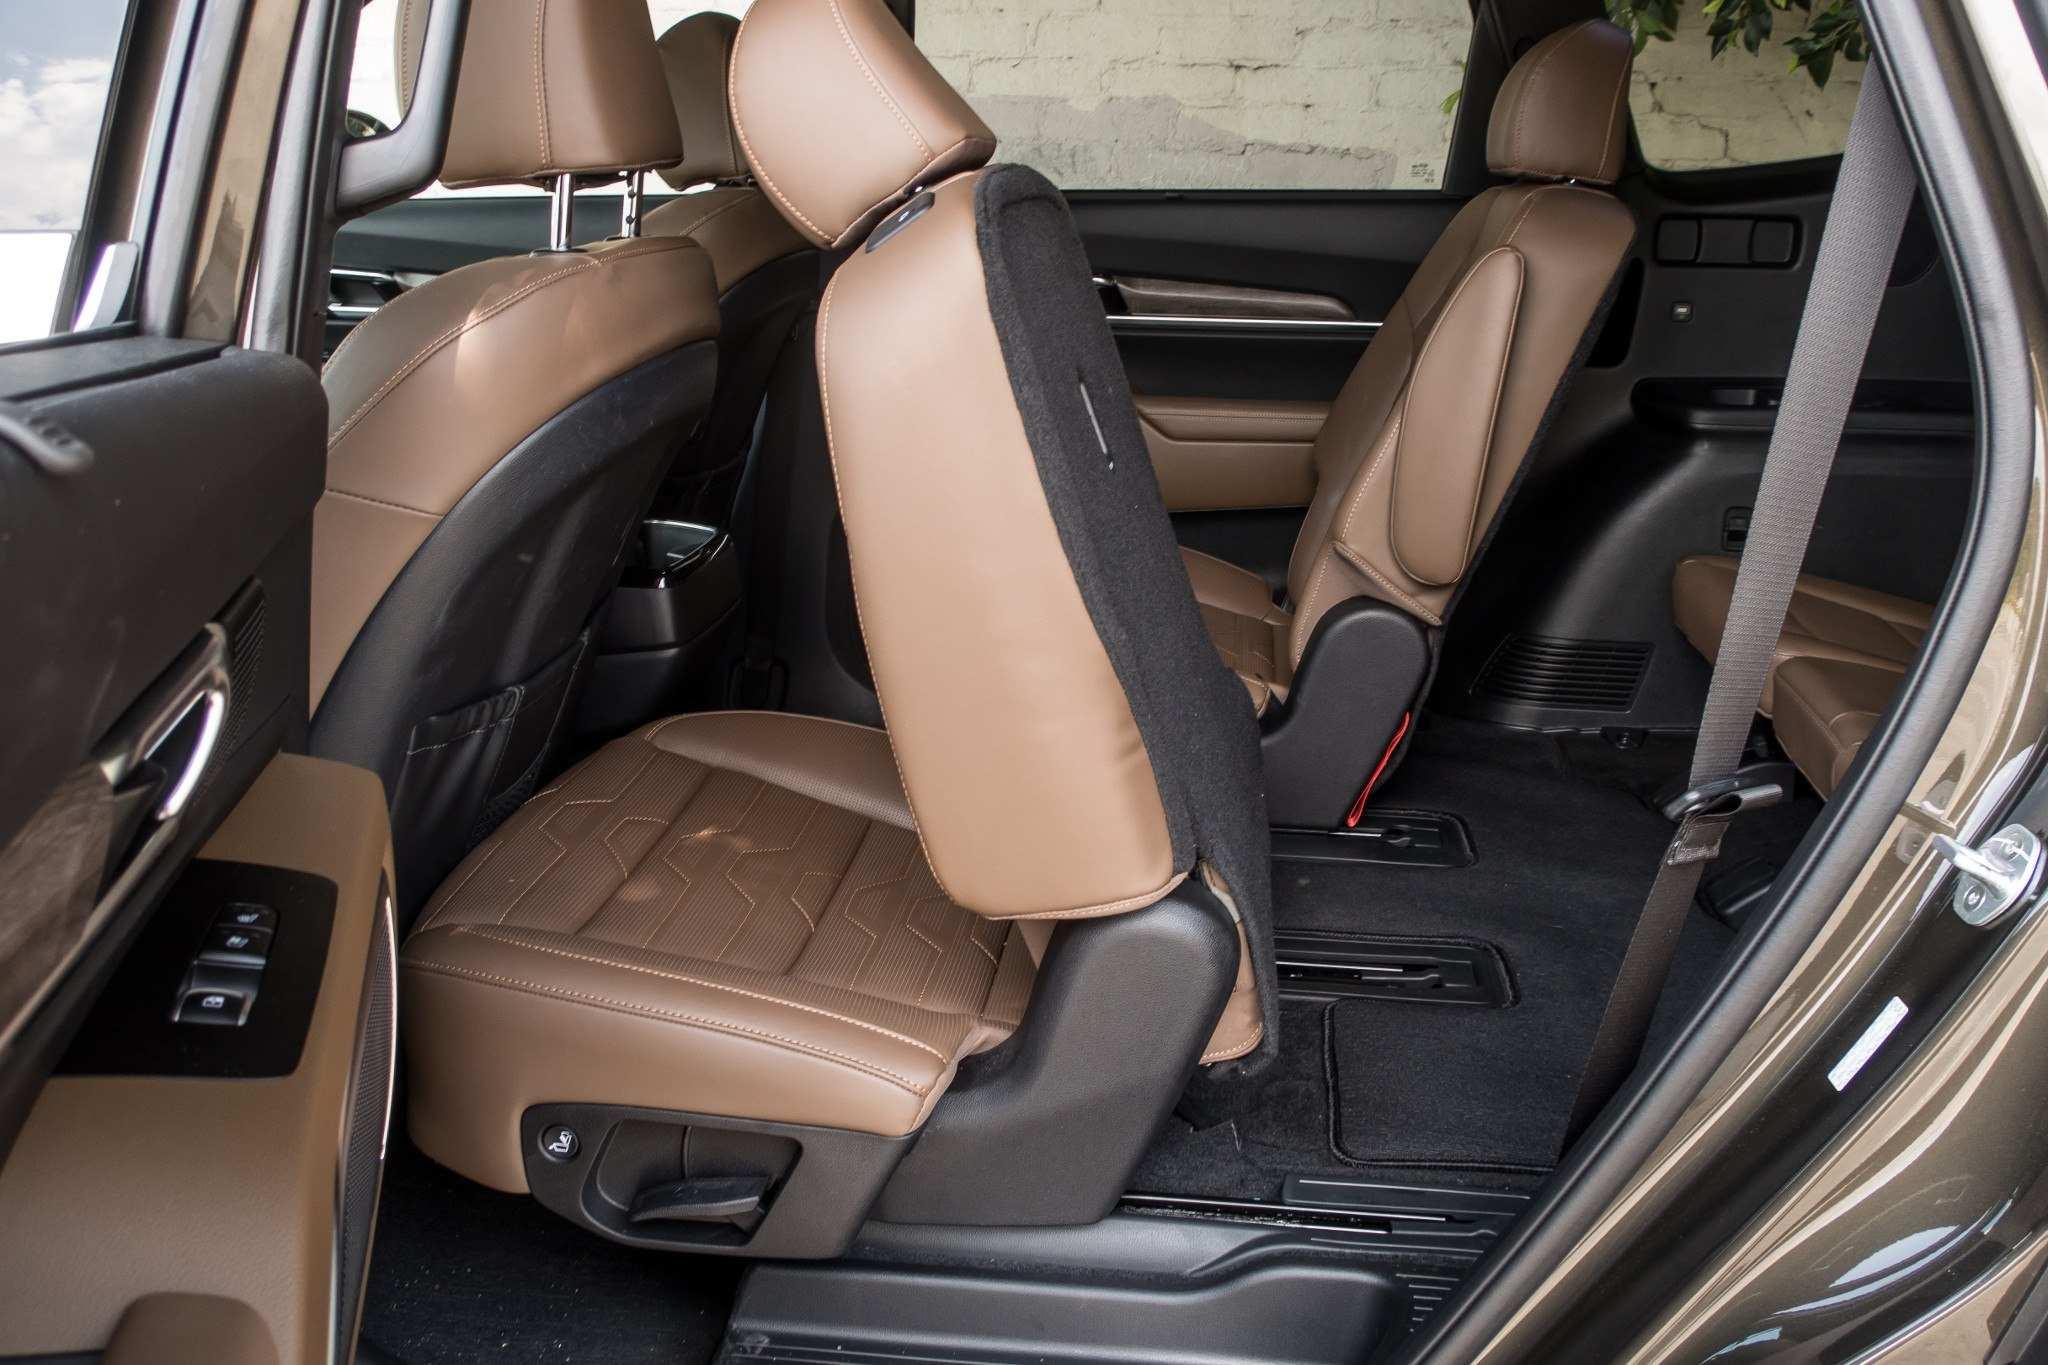 34 New Kia Telluride 2020 Interior Interior by Kia Telluride 2020 Interior